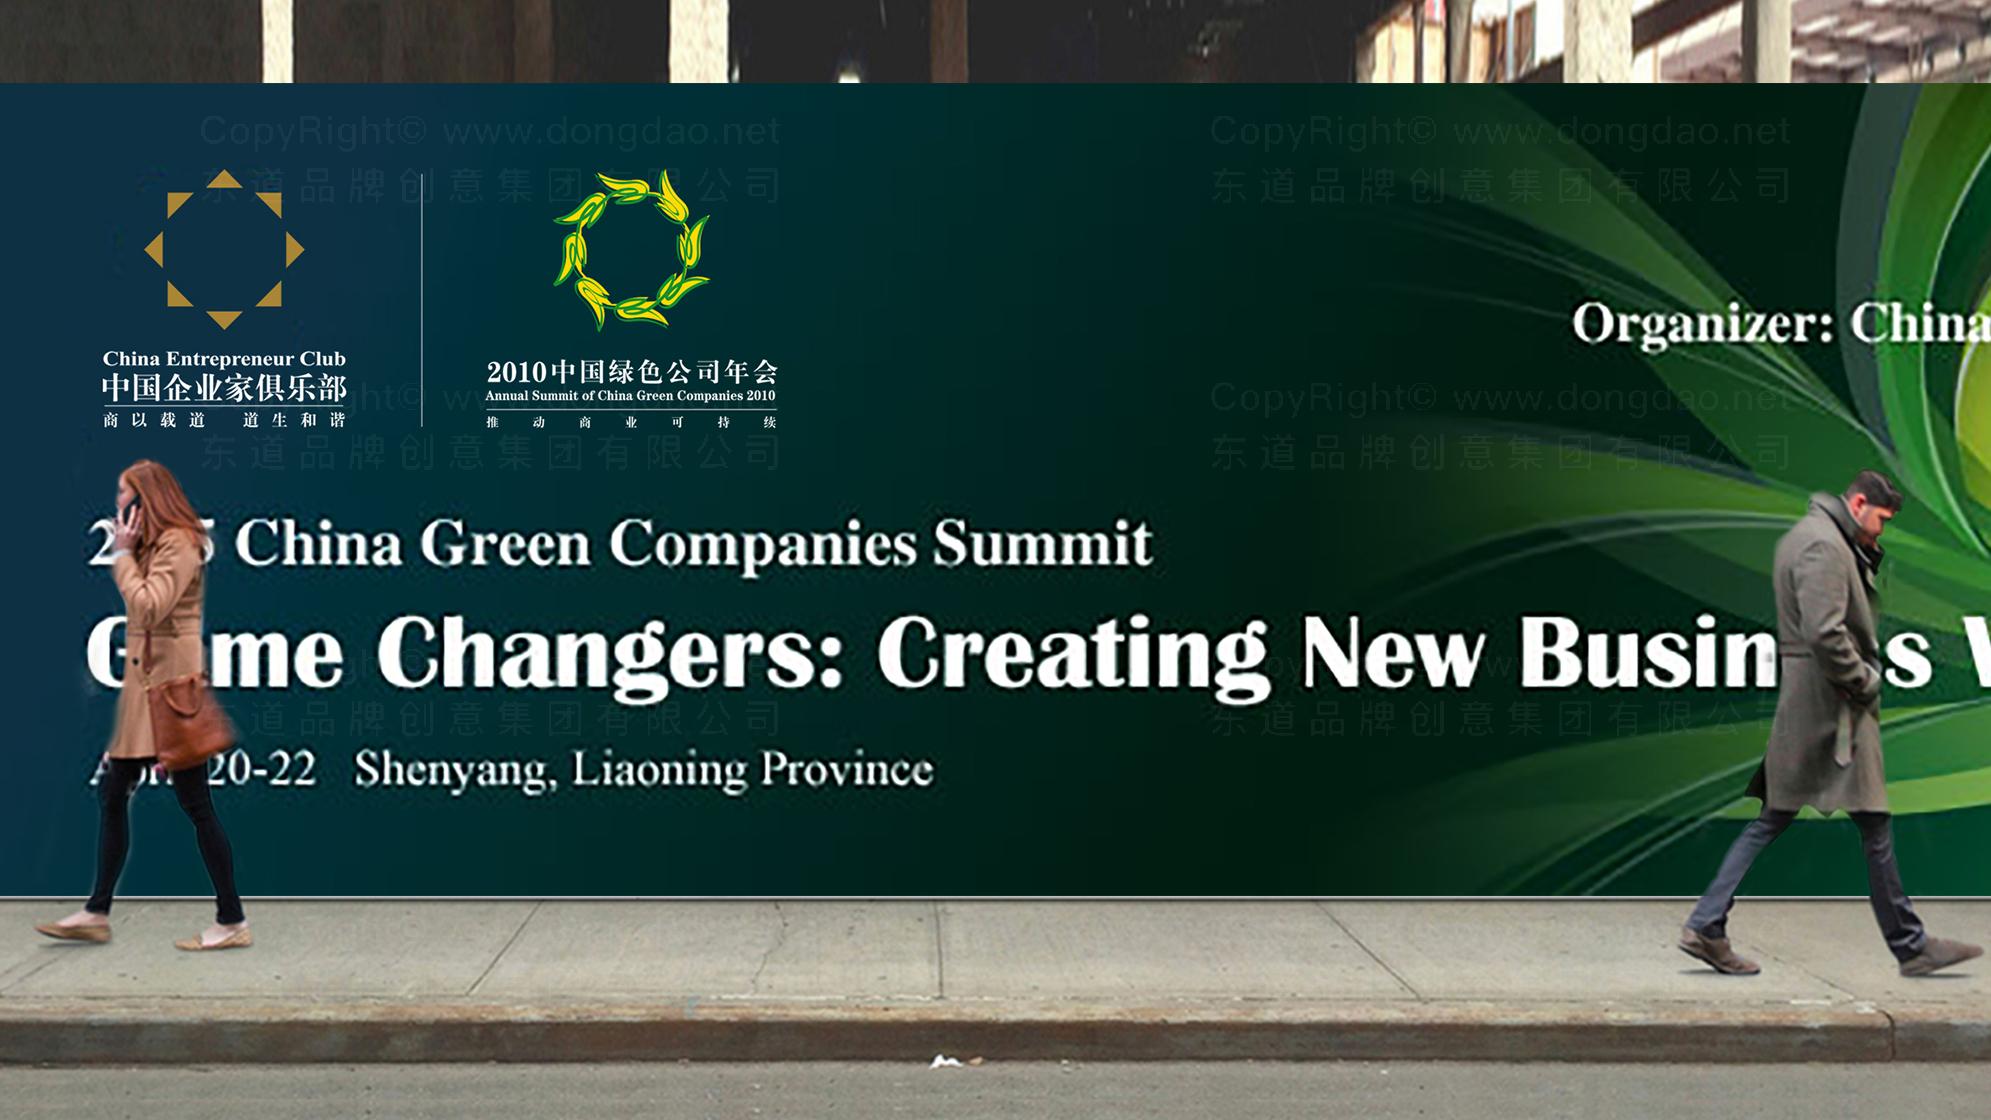 品牌设计2010中国绿公司年会LOGO设计应用场景_7